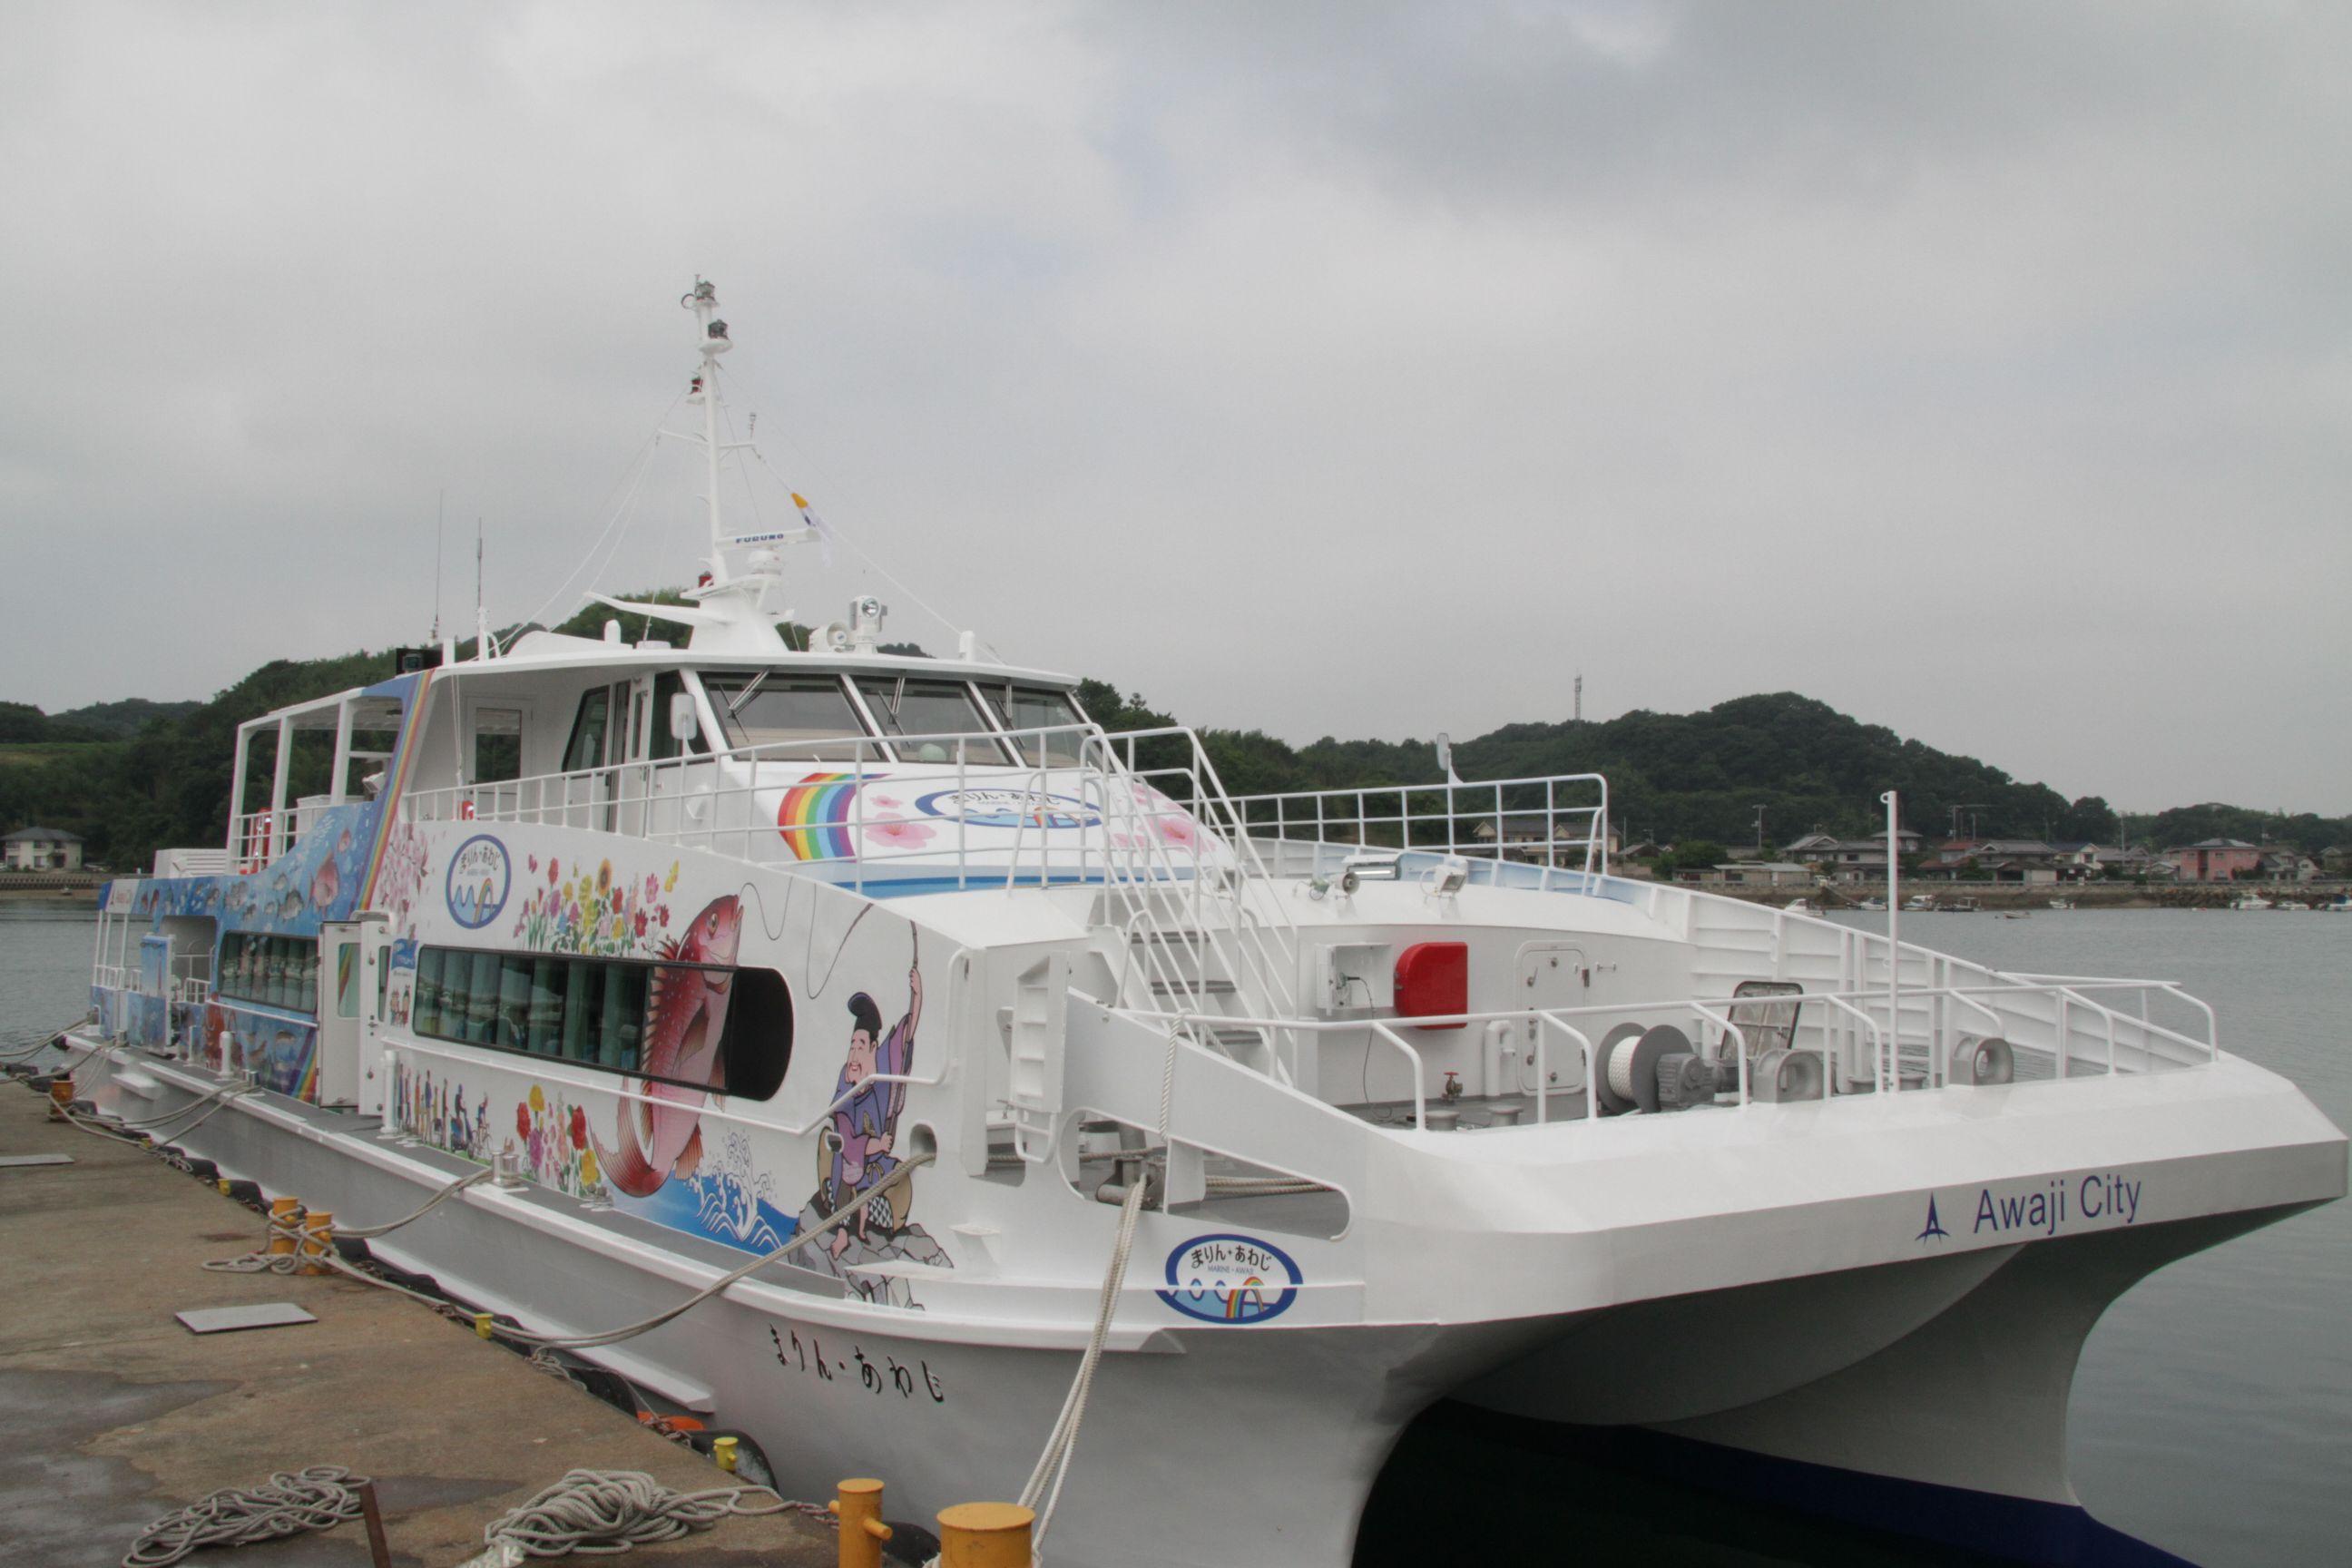 引渡前の明石海峡航路新船舶「まりん・あわじ」